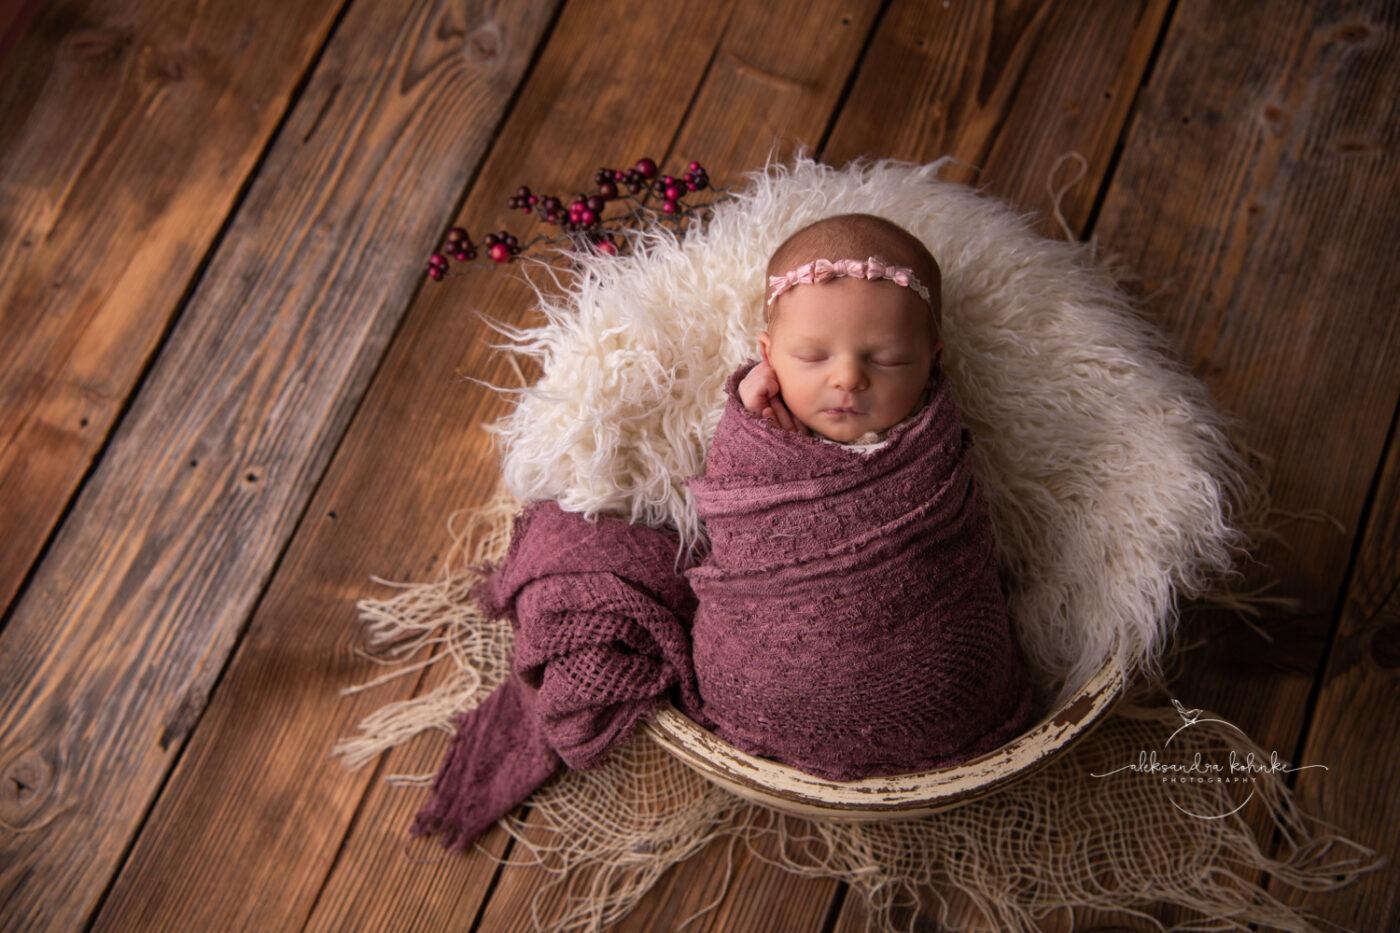 Fotostudio für Neugeborene in Kanton Zürich und St. Gallen sowie im Kanton Glarus und Kanton Schwyz